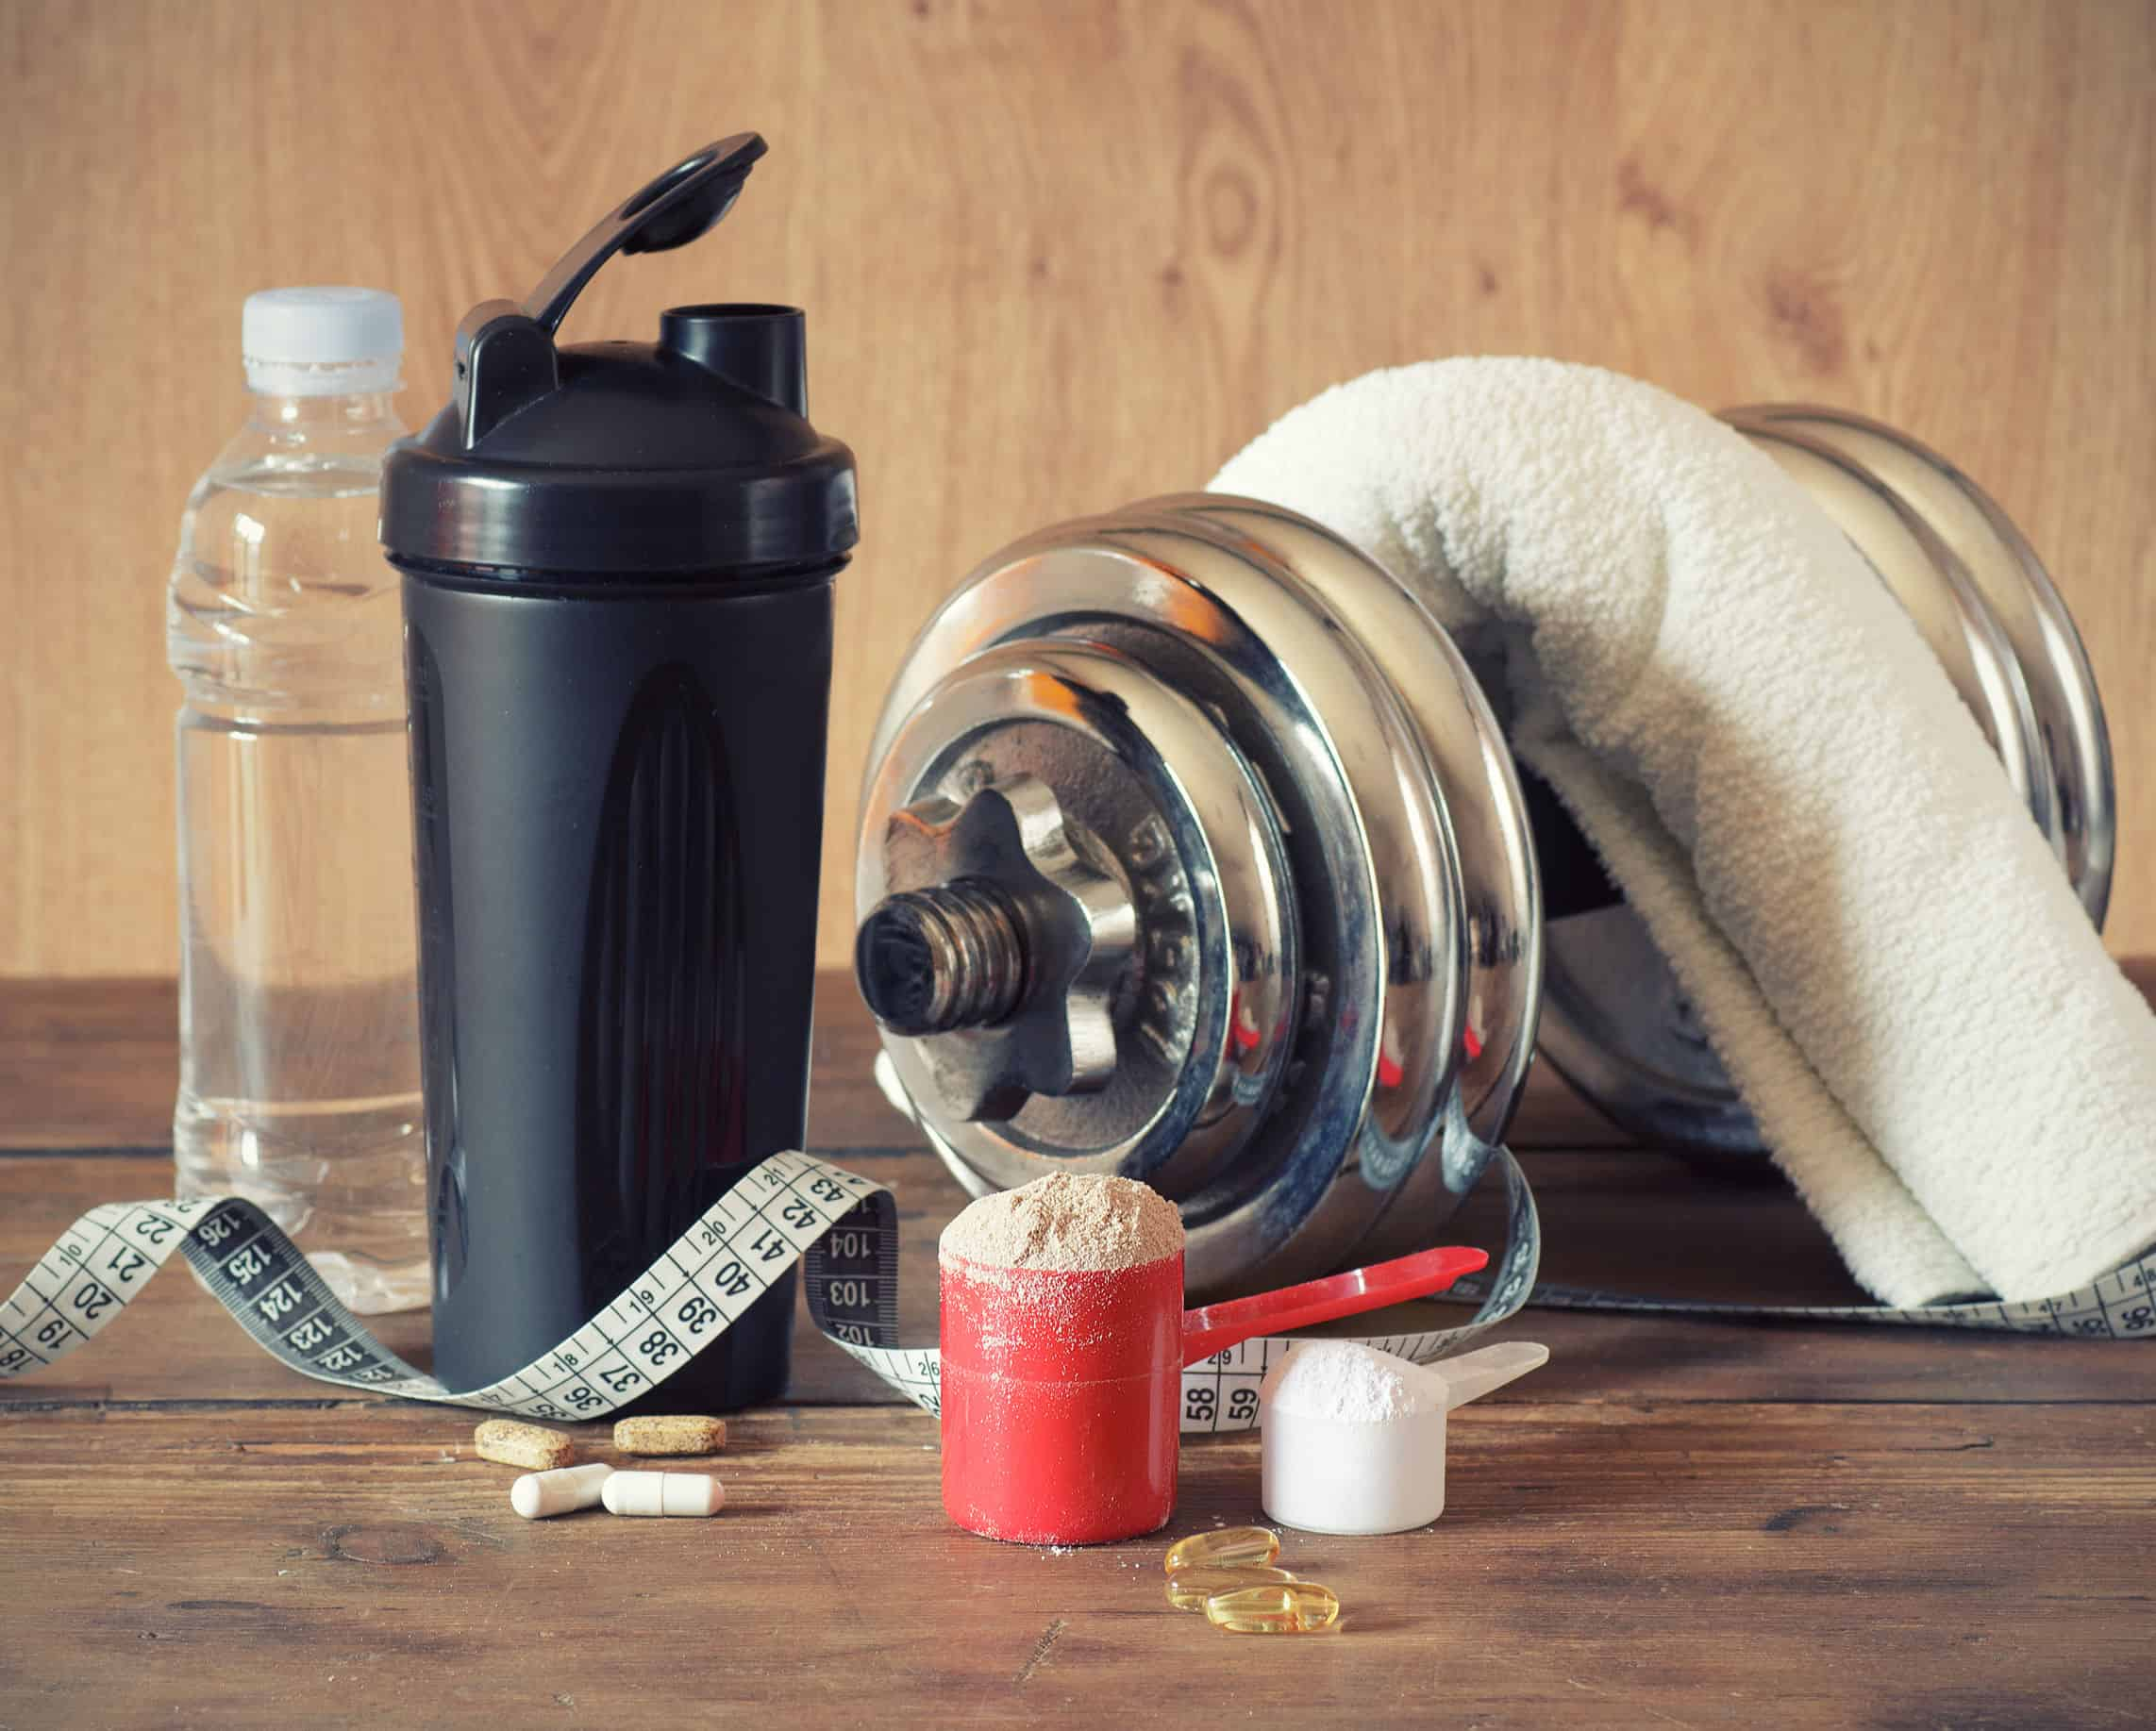 Proteinpulver: Test & Empfehlungen (08/20)